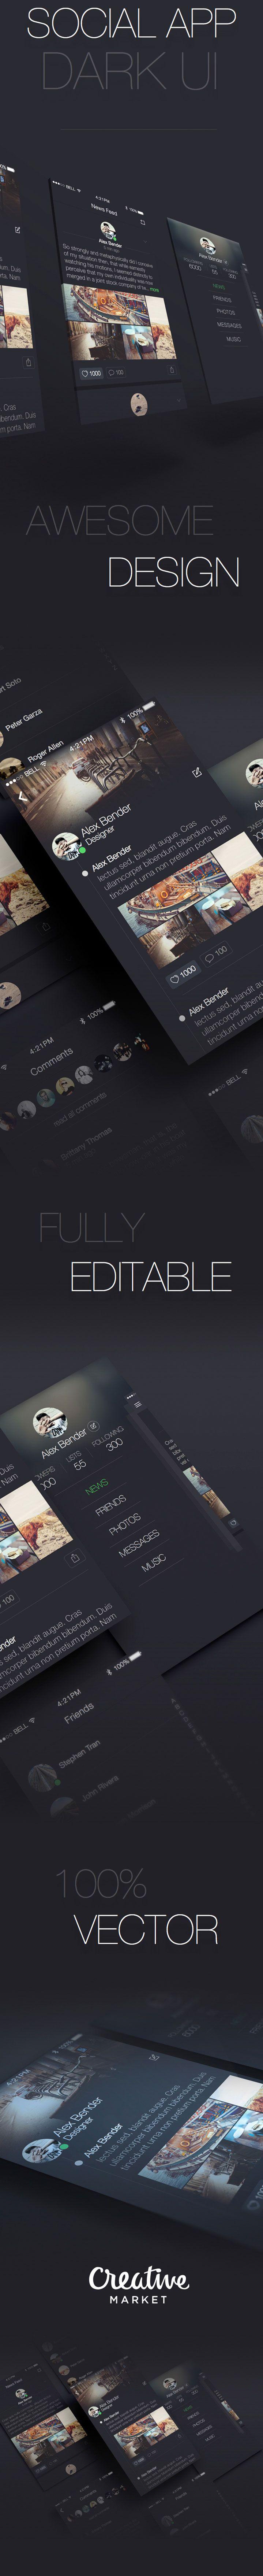 Daily Mobile UI Design Inspiration #348